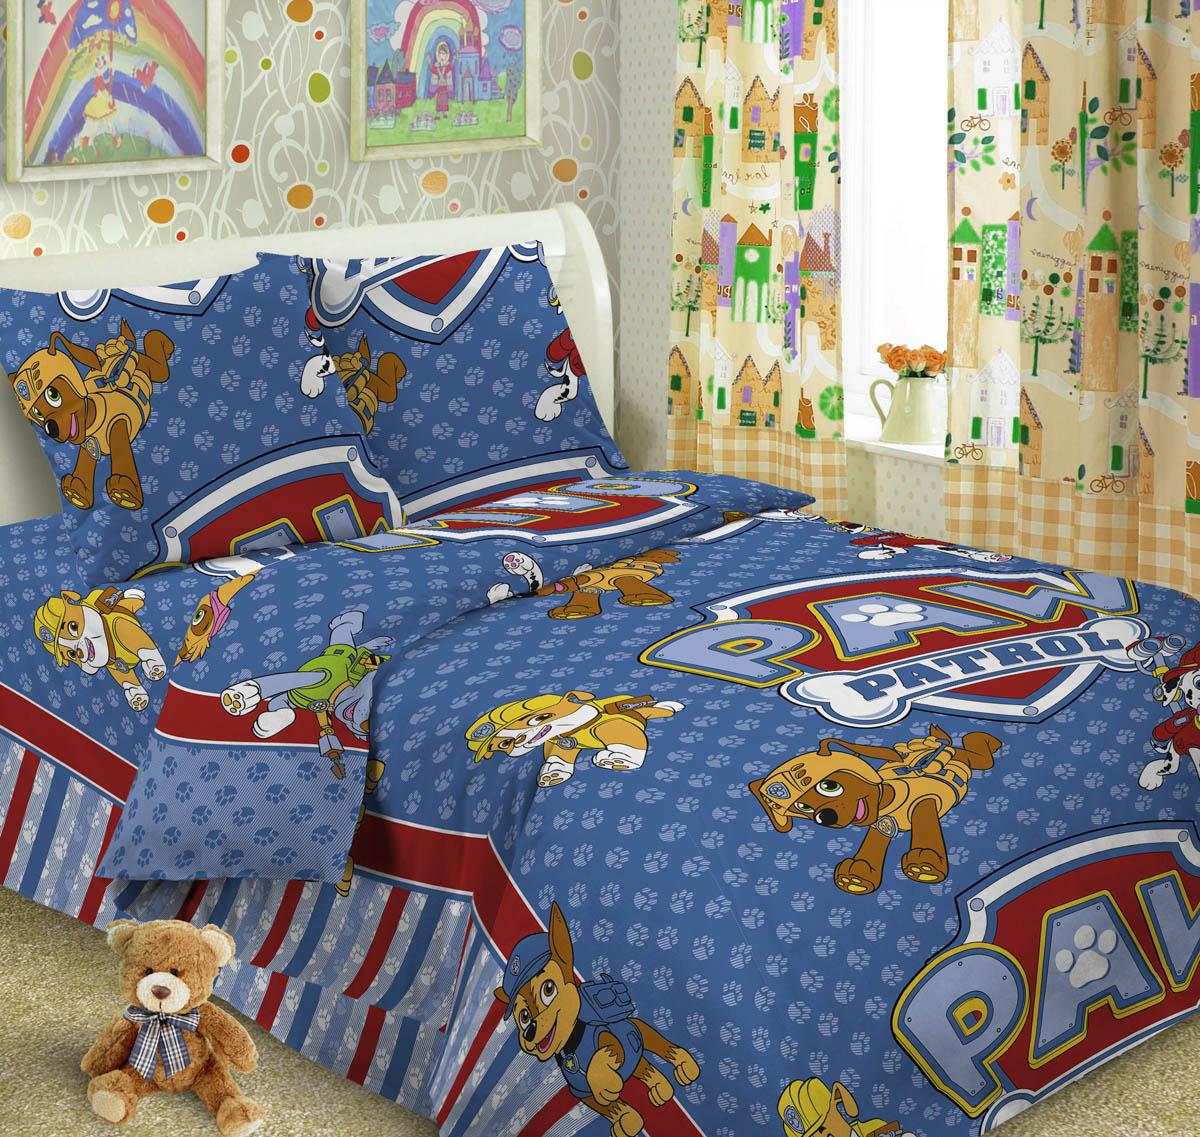 Letto Комплект детского постельного белья Догги цвет голубой96515412Letto.kids - это веселые детские и подростковые дизайны, в хлопковом исполнении с хорошими устойчивыми красителями и все это по очень доступной цене! Такое белье прослужит долго и выдержит много стирок. Рисунок на наволочке может отличаться от представленного на фото.Пододеяльник 143х215 см, простынь 148х215 см, наволочка 50х70 см